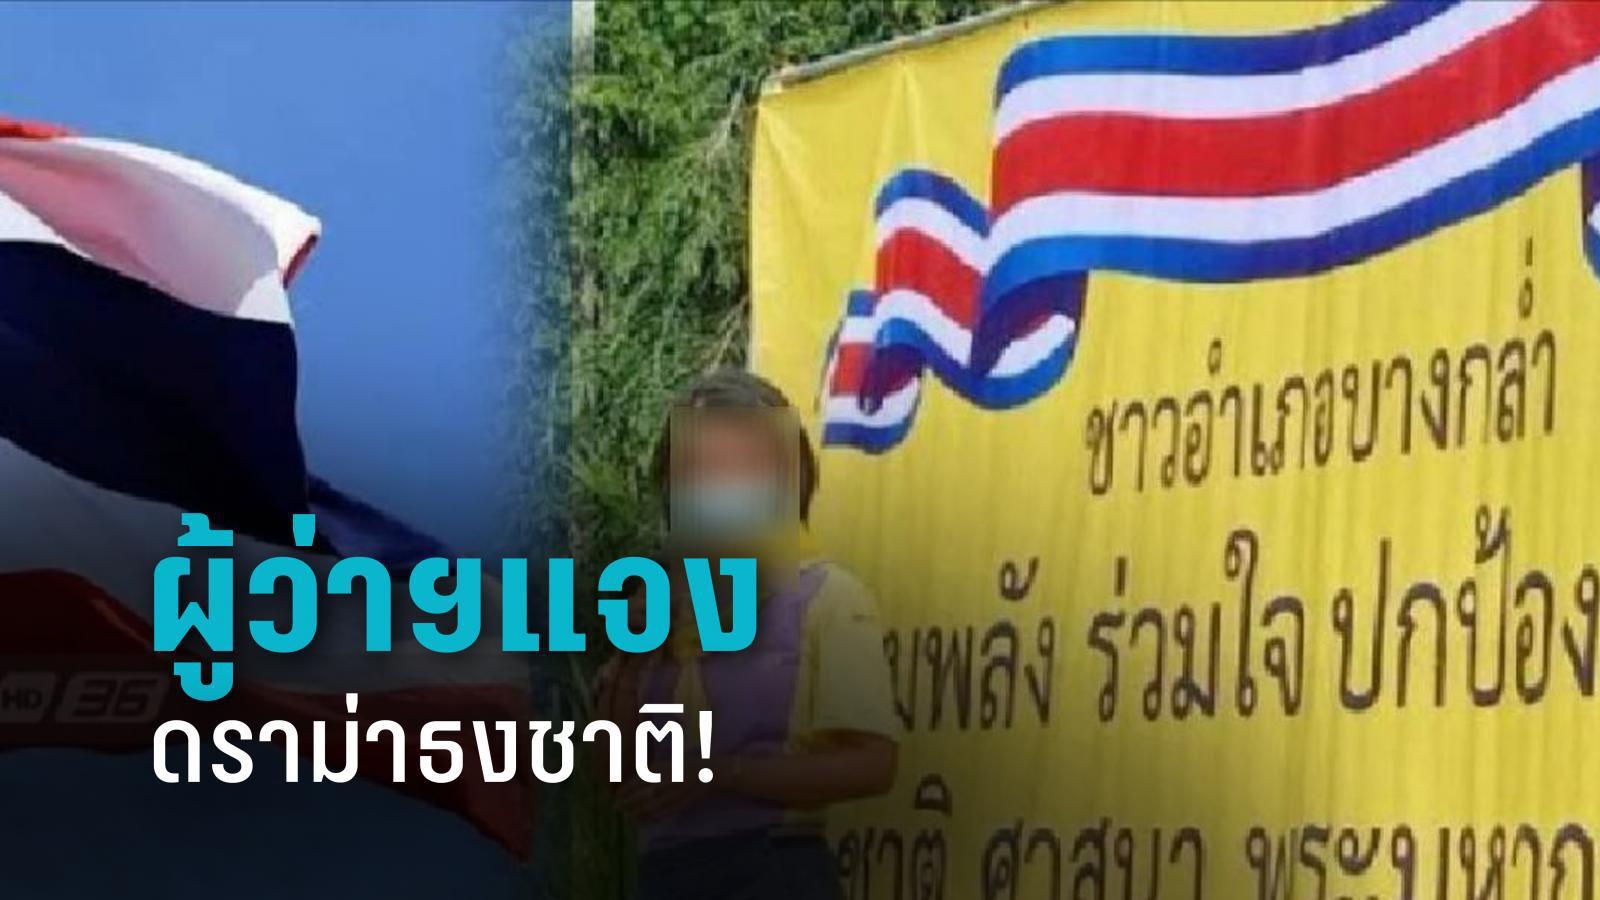 ชาวบ้าน - นายอำเภอบางกล่ำ เสียใจ ดราม่าธงชาติผิดประเทศ ไม่มีนัยยะการเมือง งานเร่ง มีพลาด!